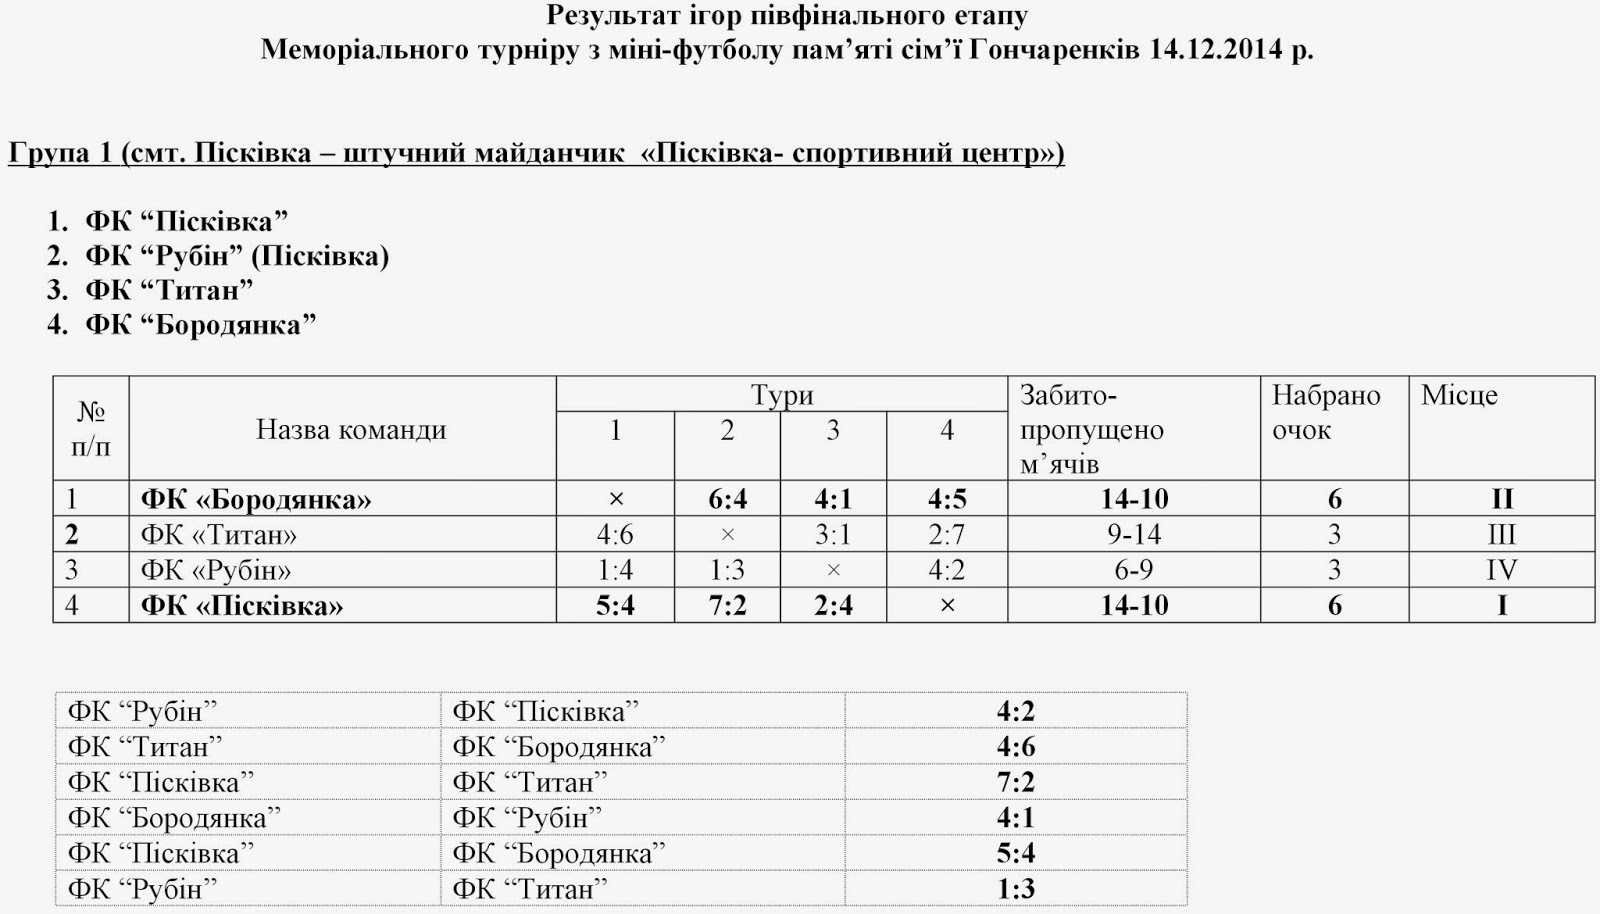 Результати%2Bігор%2Bтурнір%2BГончаренків%2B2014%2Bпівфінал.jpg